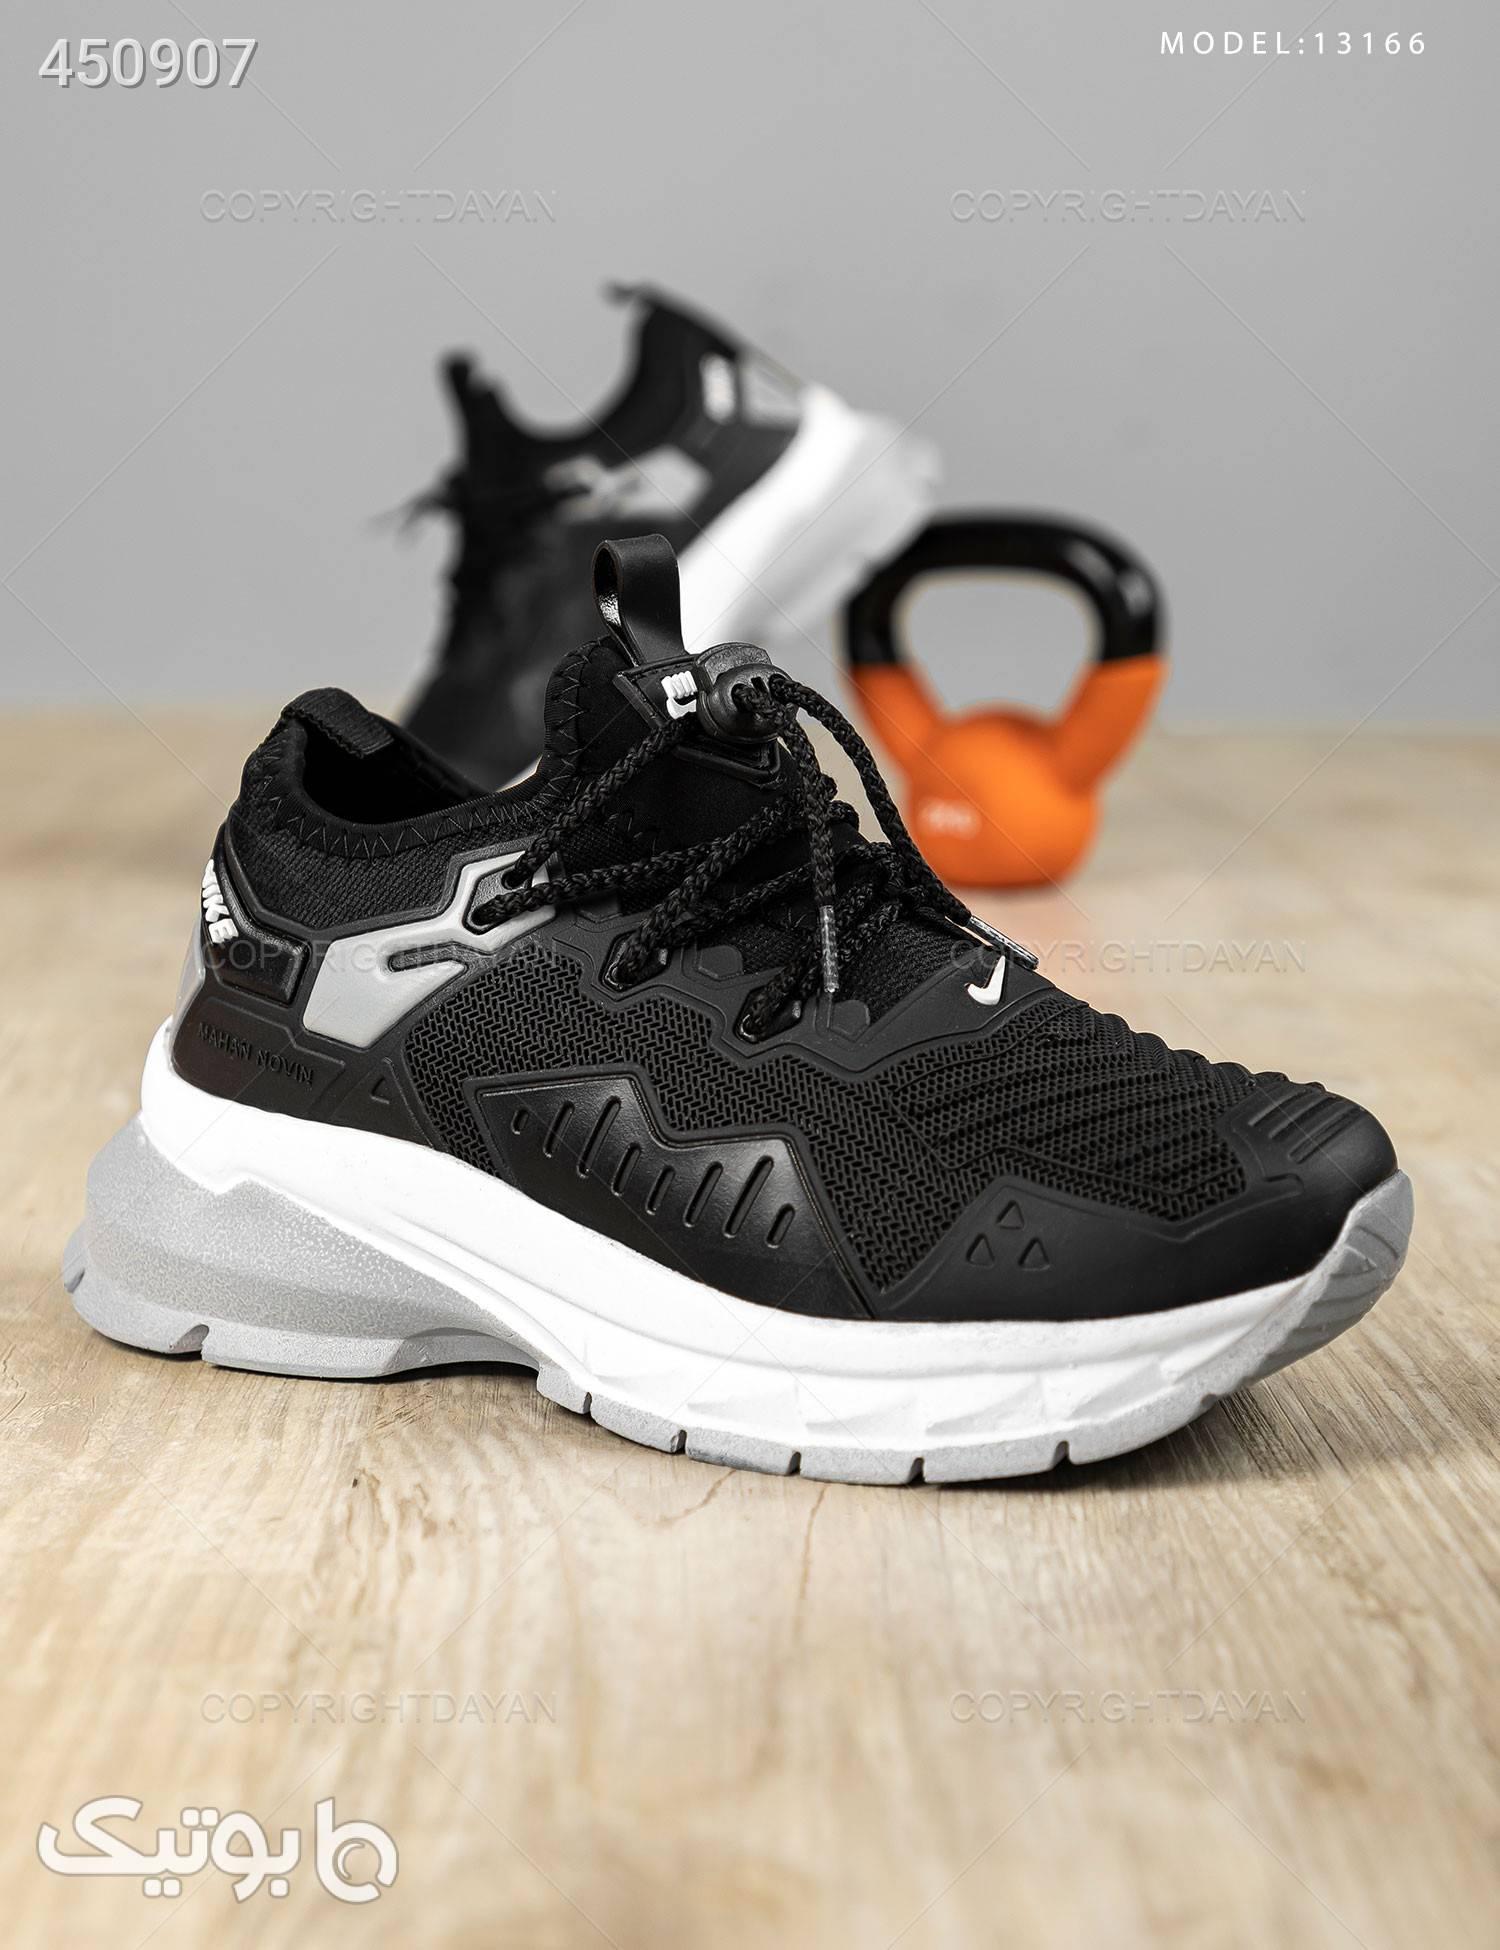 کفش زنانه Nike مدل 13166 مشکی كتانی زنانه